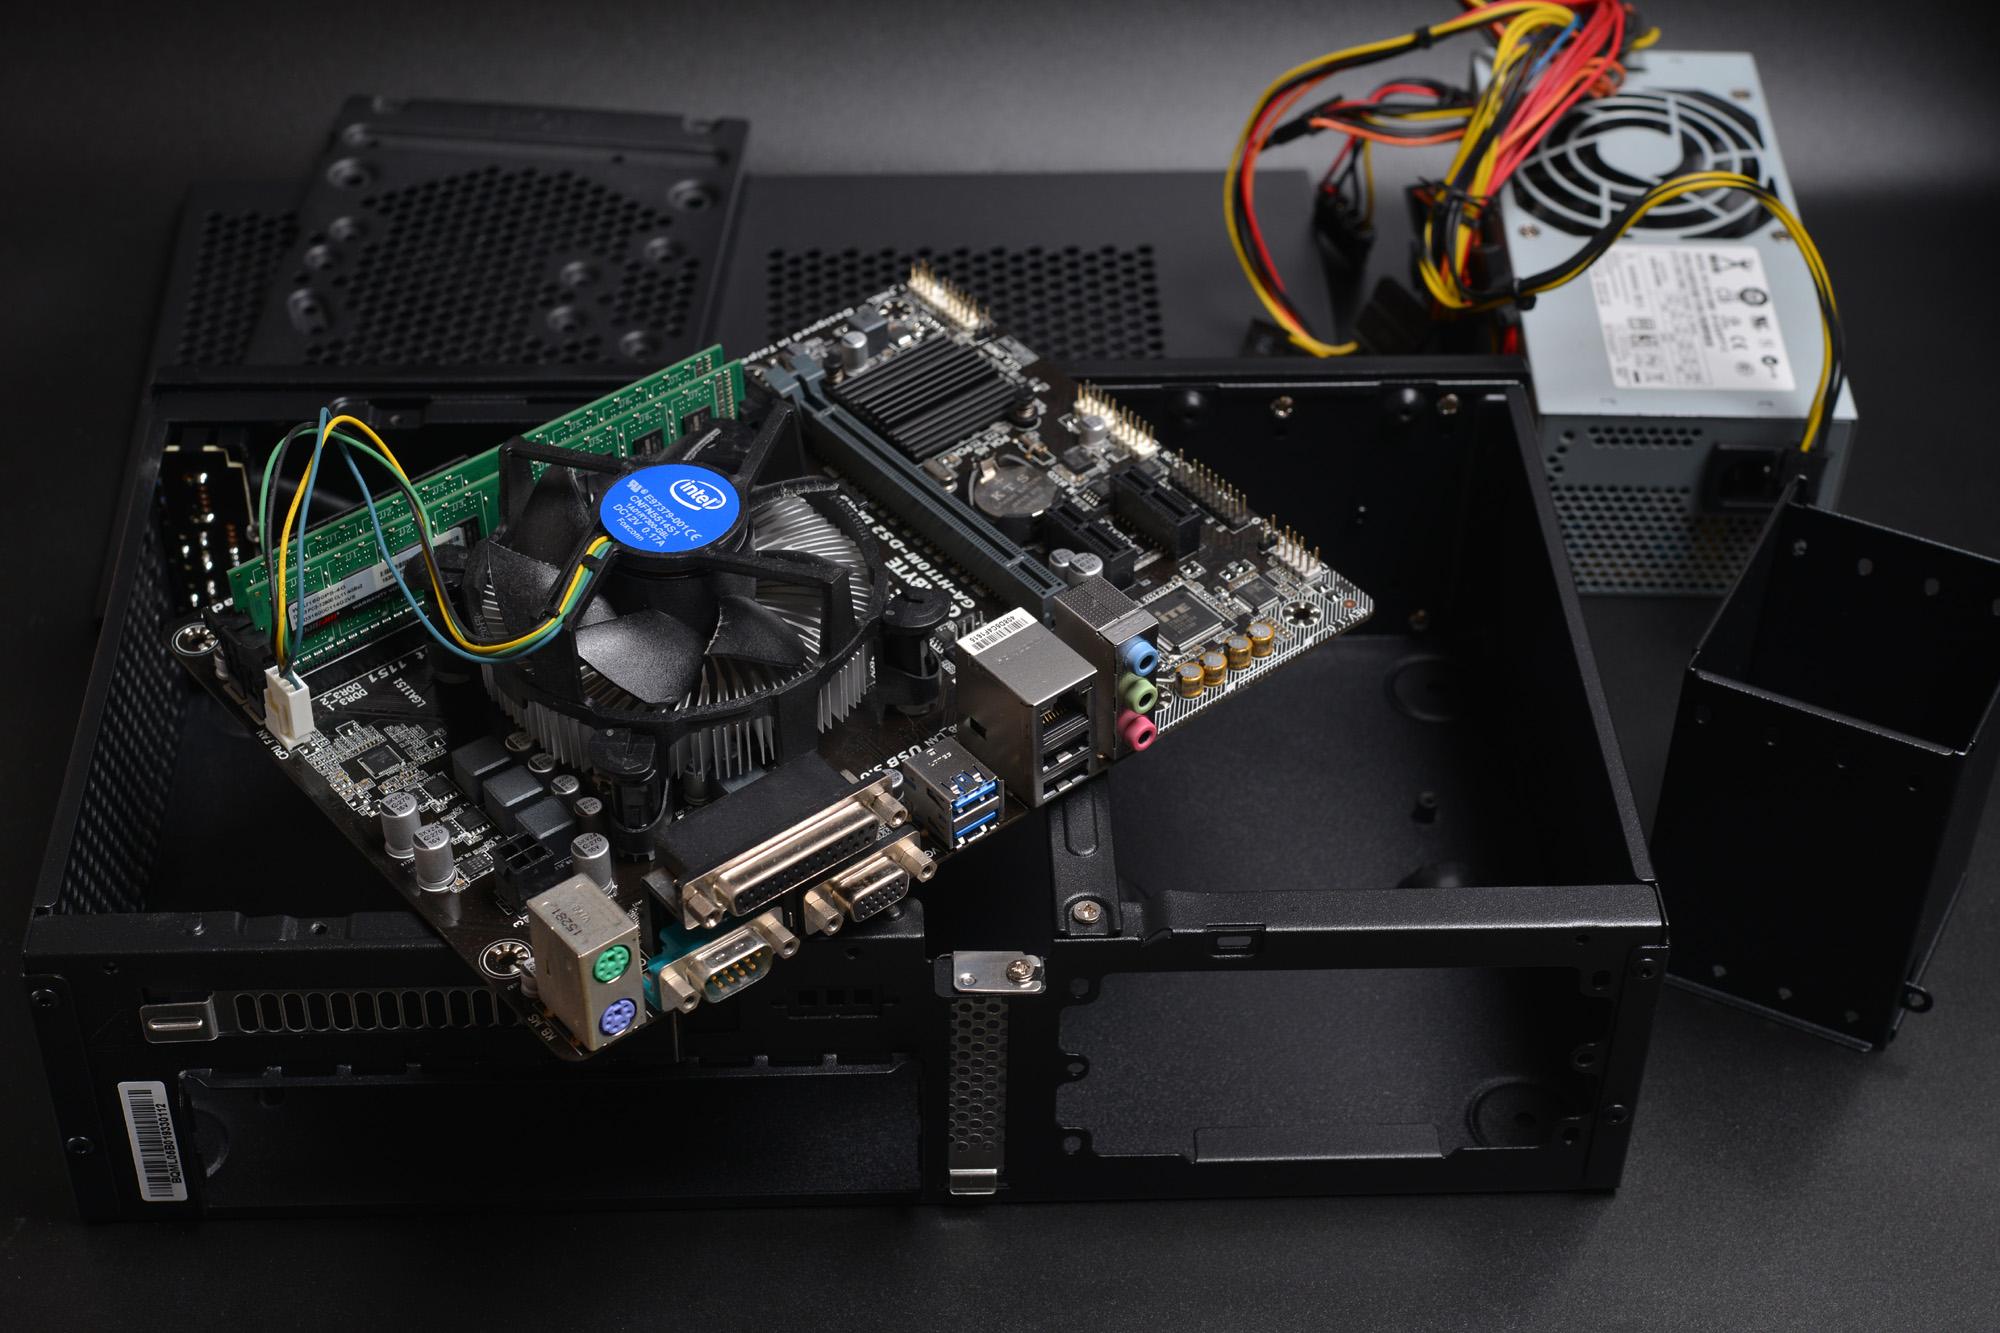 店で使うコンパクトPCを自作しよう! Mini ITXケースにMicroATX マザーボード SilverStone SST-ML05B